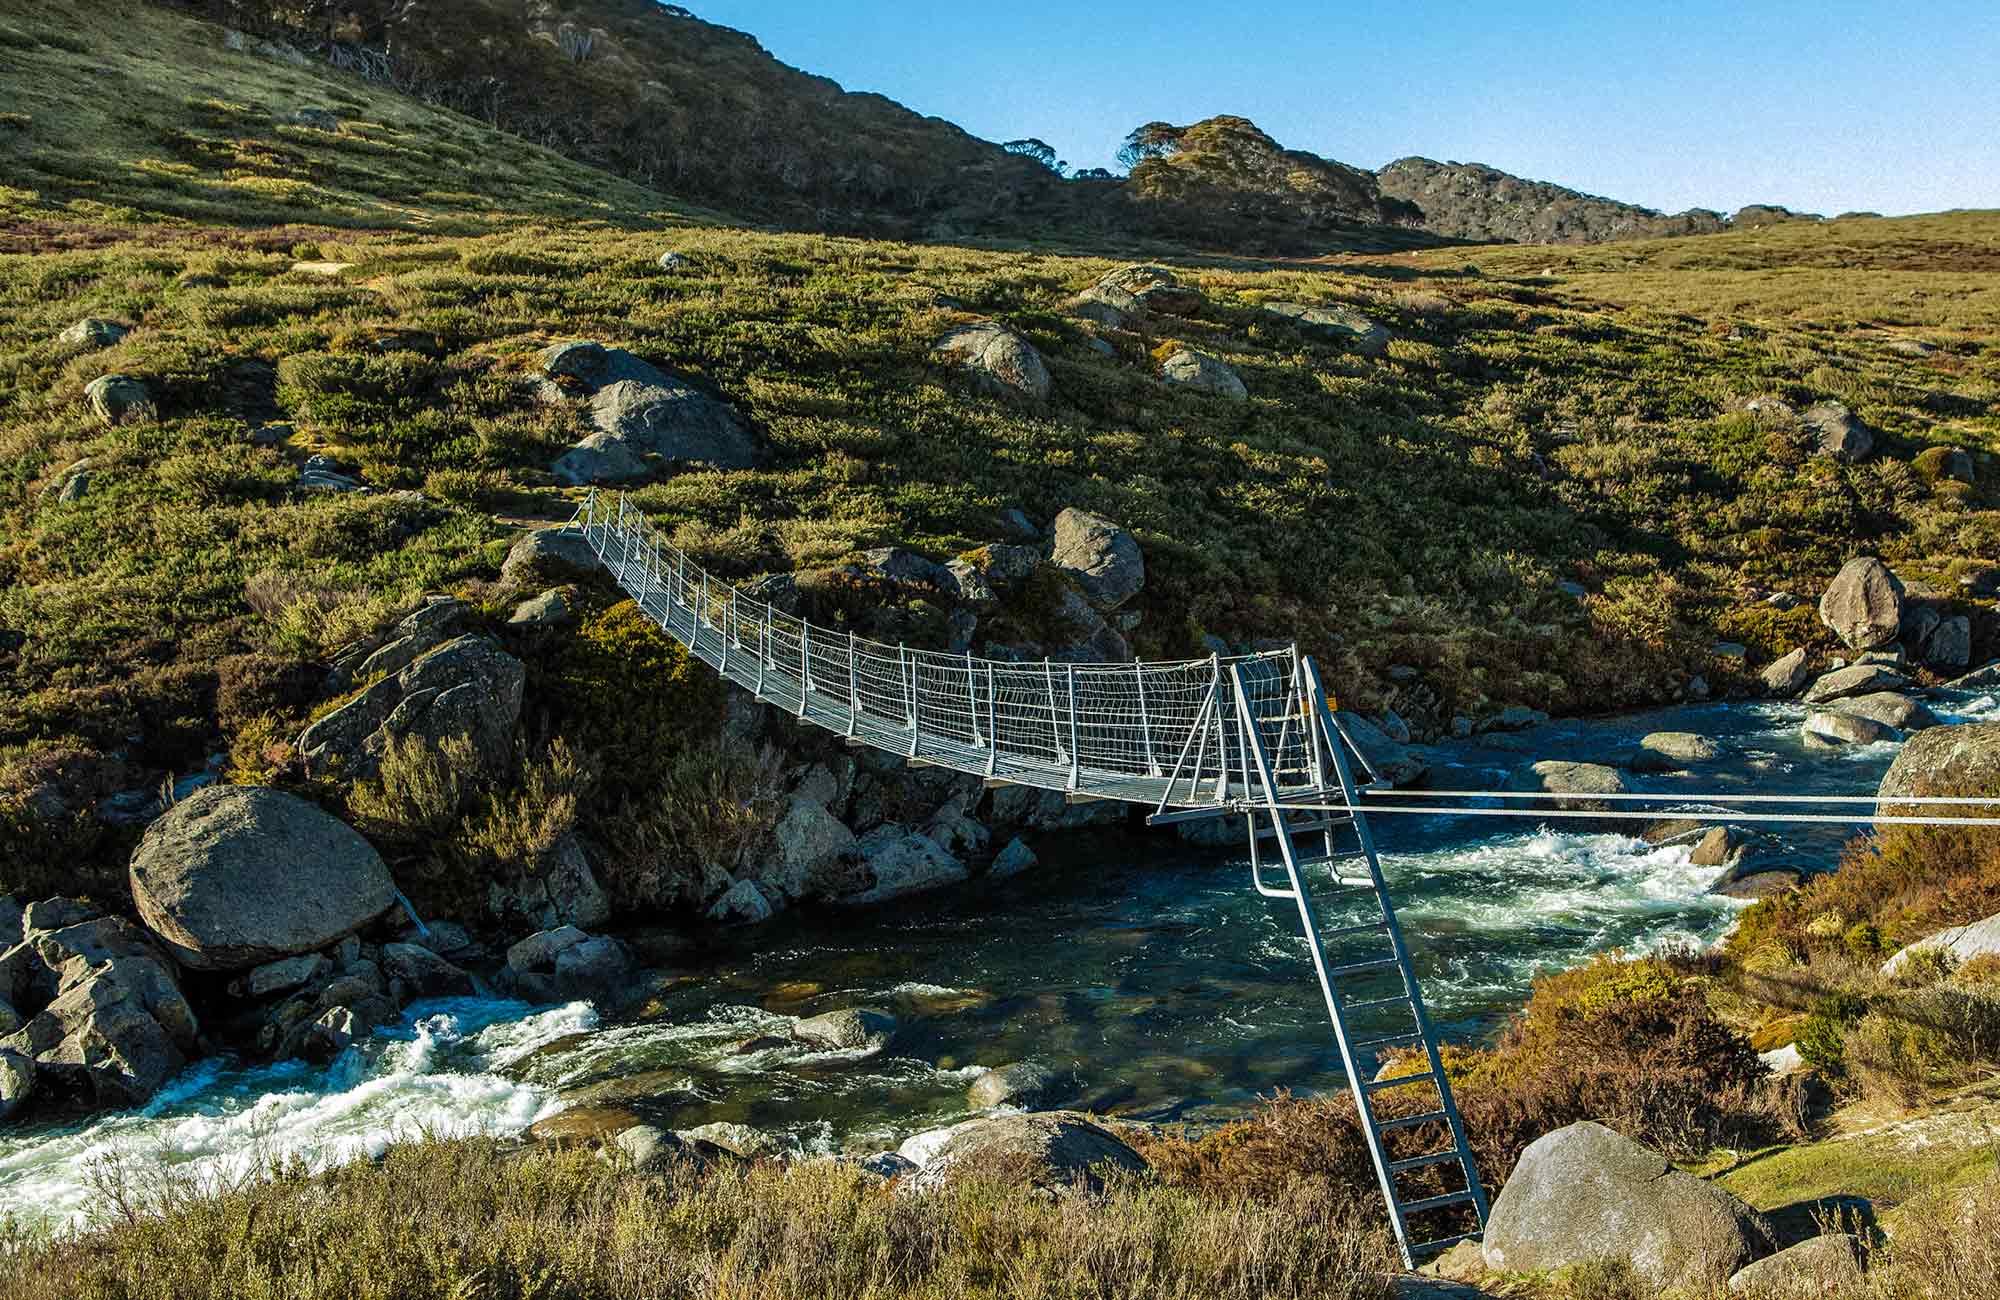 фото парки австралии косцюшко изготовить картину холсте